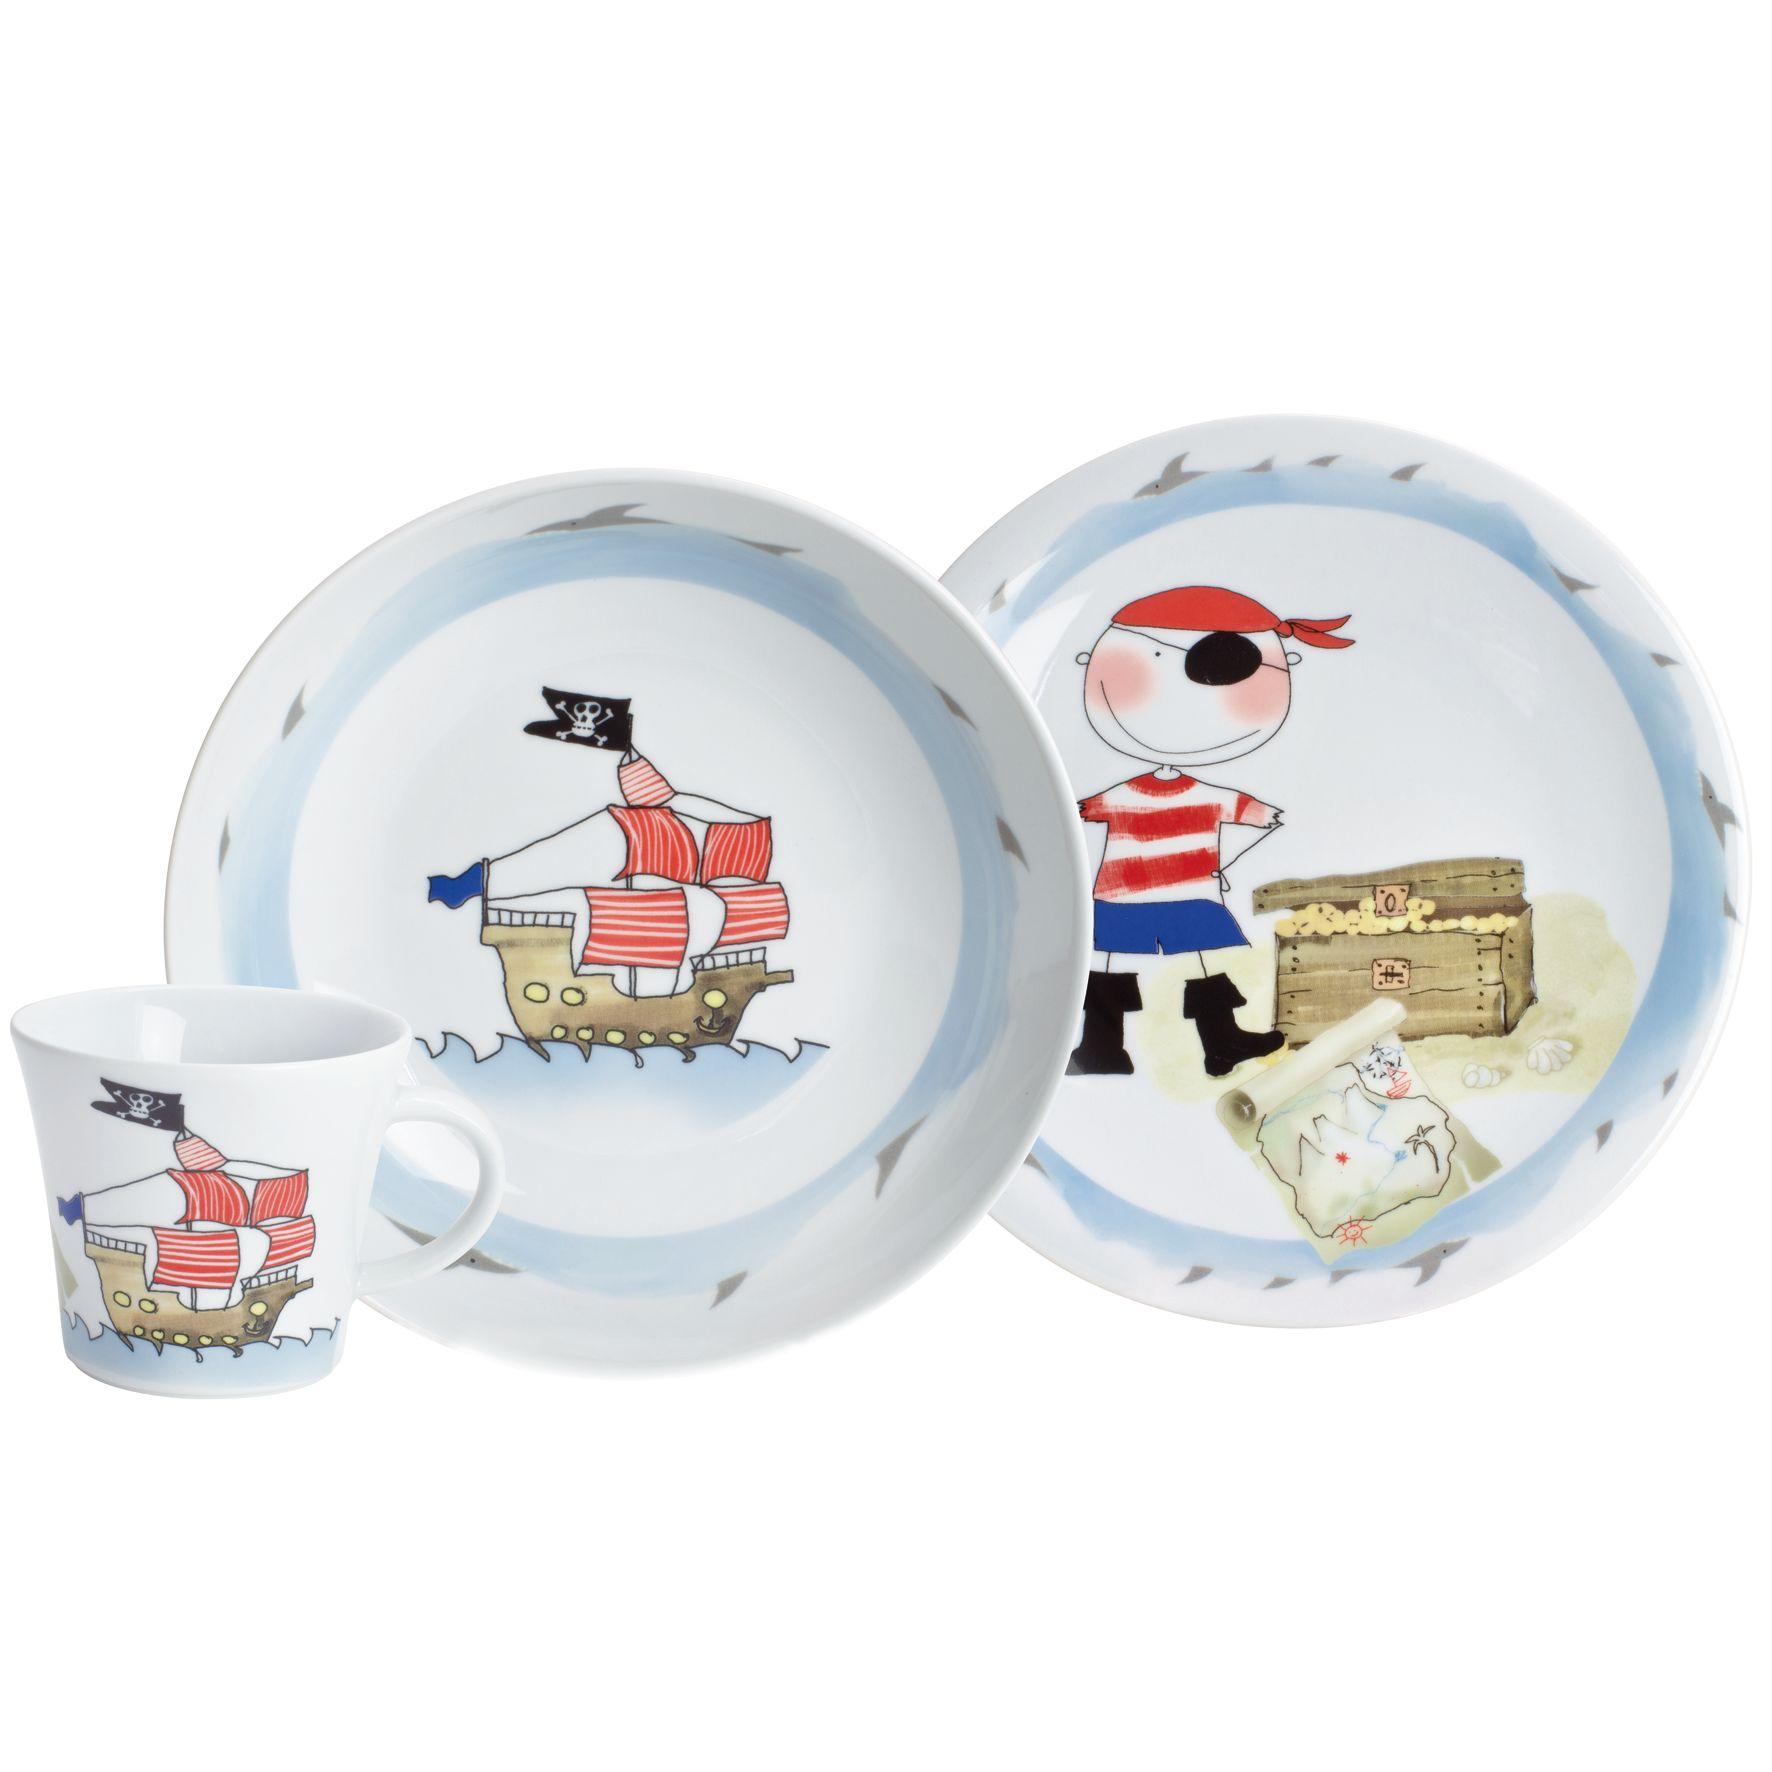 Kids Mg Zestaw Porcelany Dla Dzieci Piraci 3 El Freeform